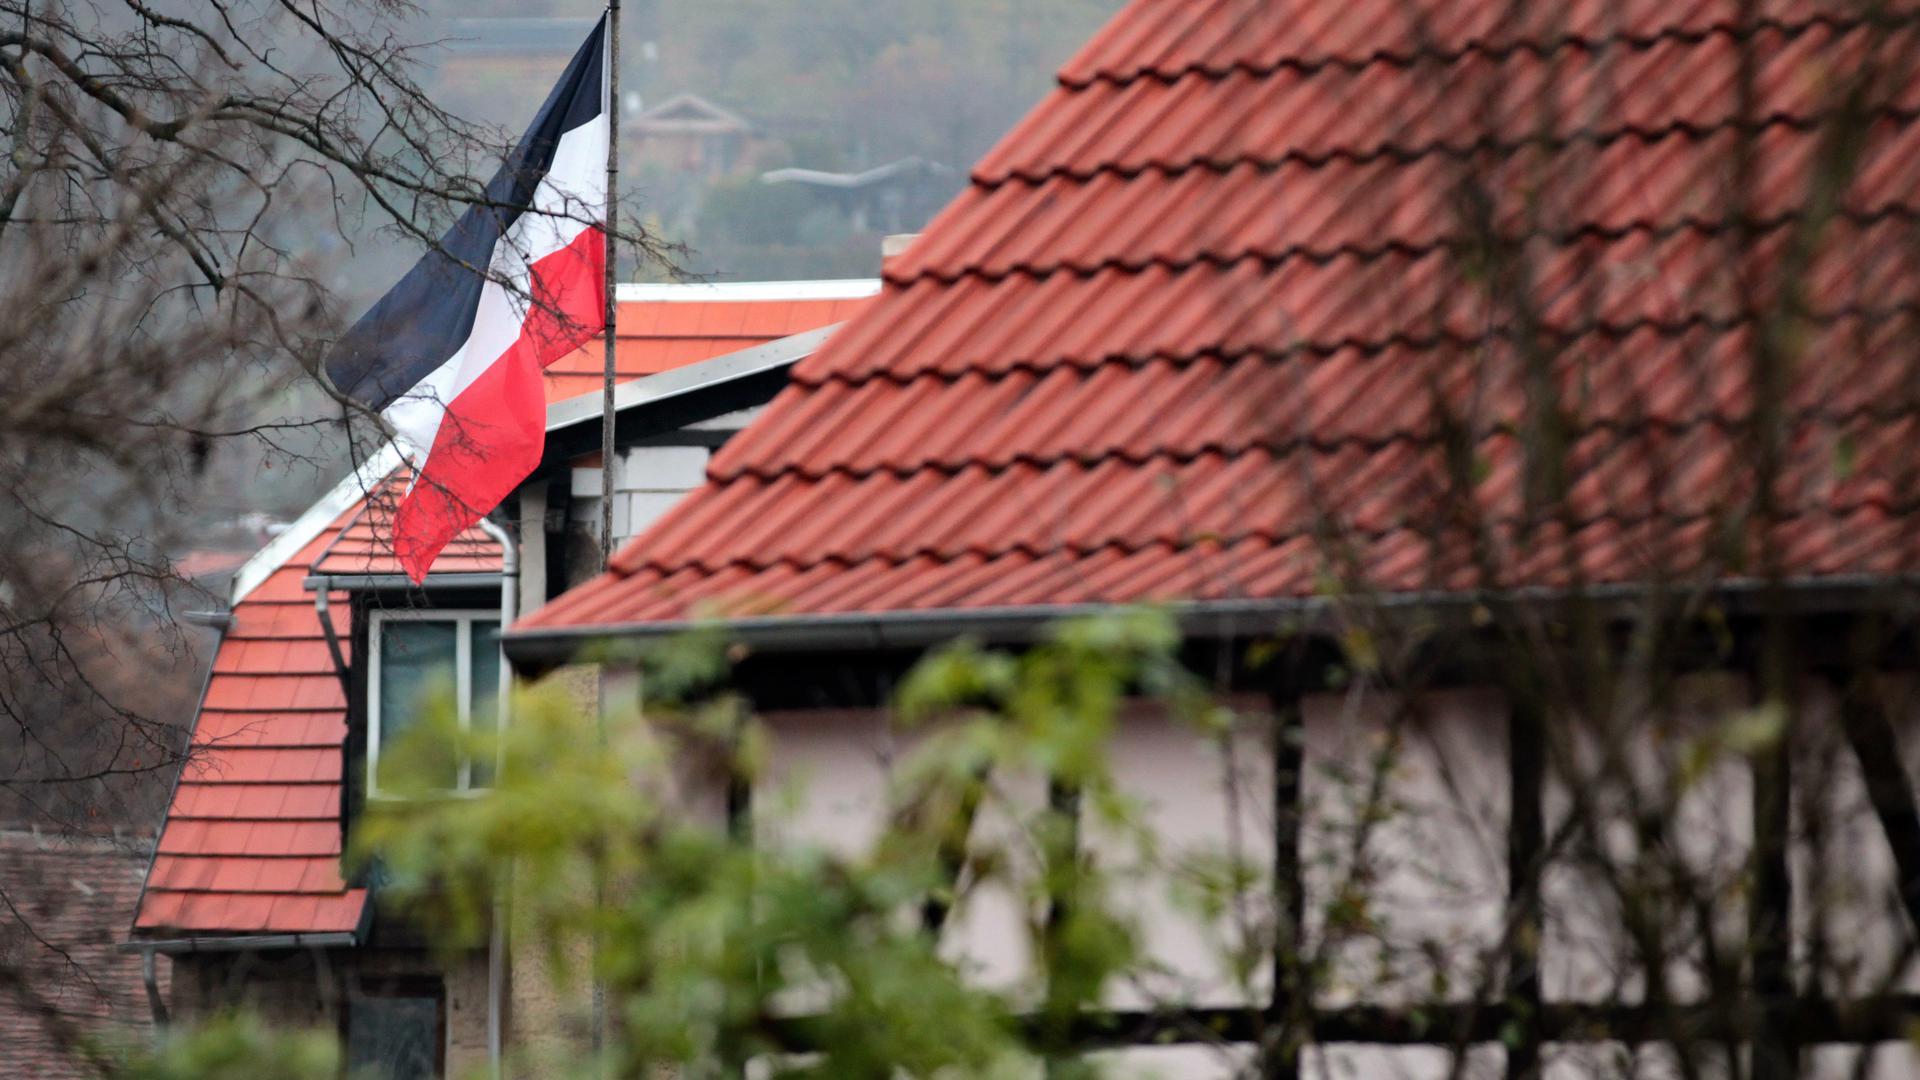 """Eine Reichsflagge hängt im Hof des """"Braunen Haus"""" in Jena, aufgenommen am Mittwoch (16.11.2011). Das Haus gilt seit Jahren als Treffpunkt der rechten Szene. In Jena sollen die einer Mordserie verdächtigen Rechtsradikalen aufgewachsen sein. Die drei gründeten in der thüringischen Stadt offenbar ihre Terrorzelle NSU. Foto: Jan Woitas dpa/lth ++"""